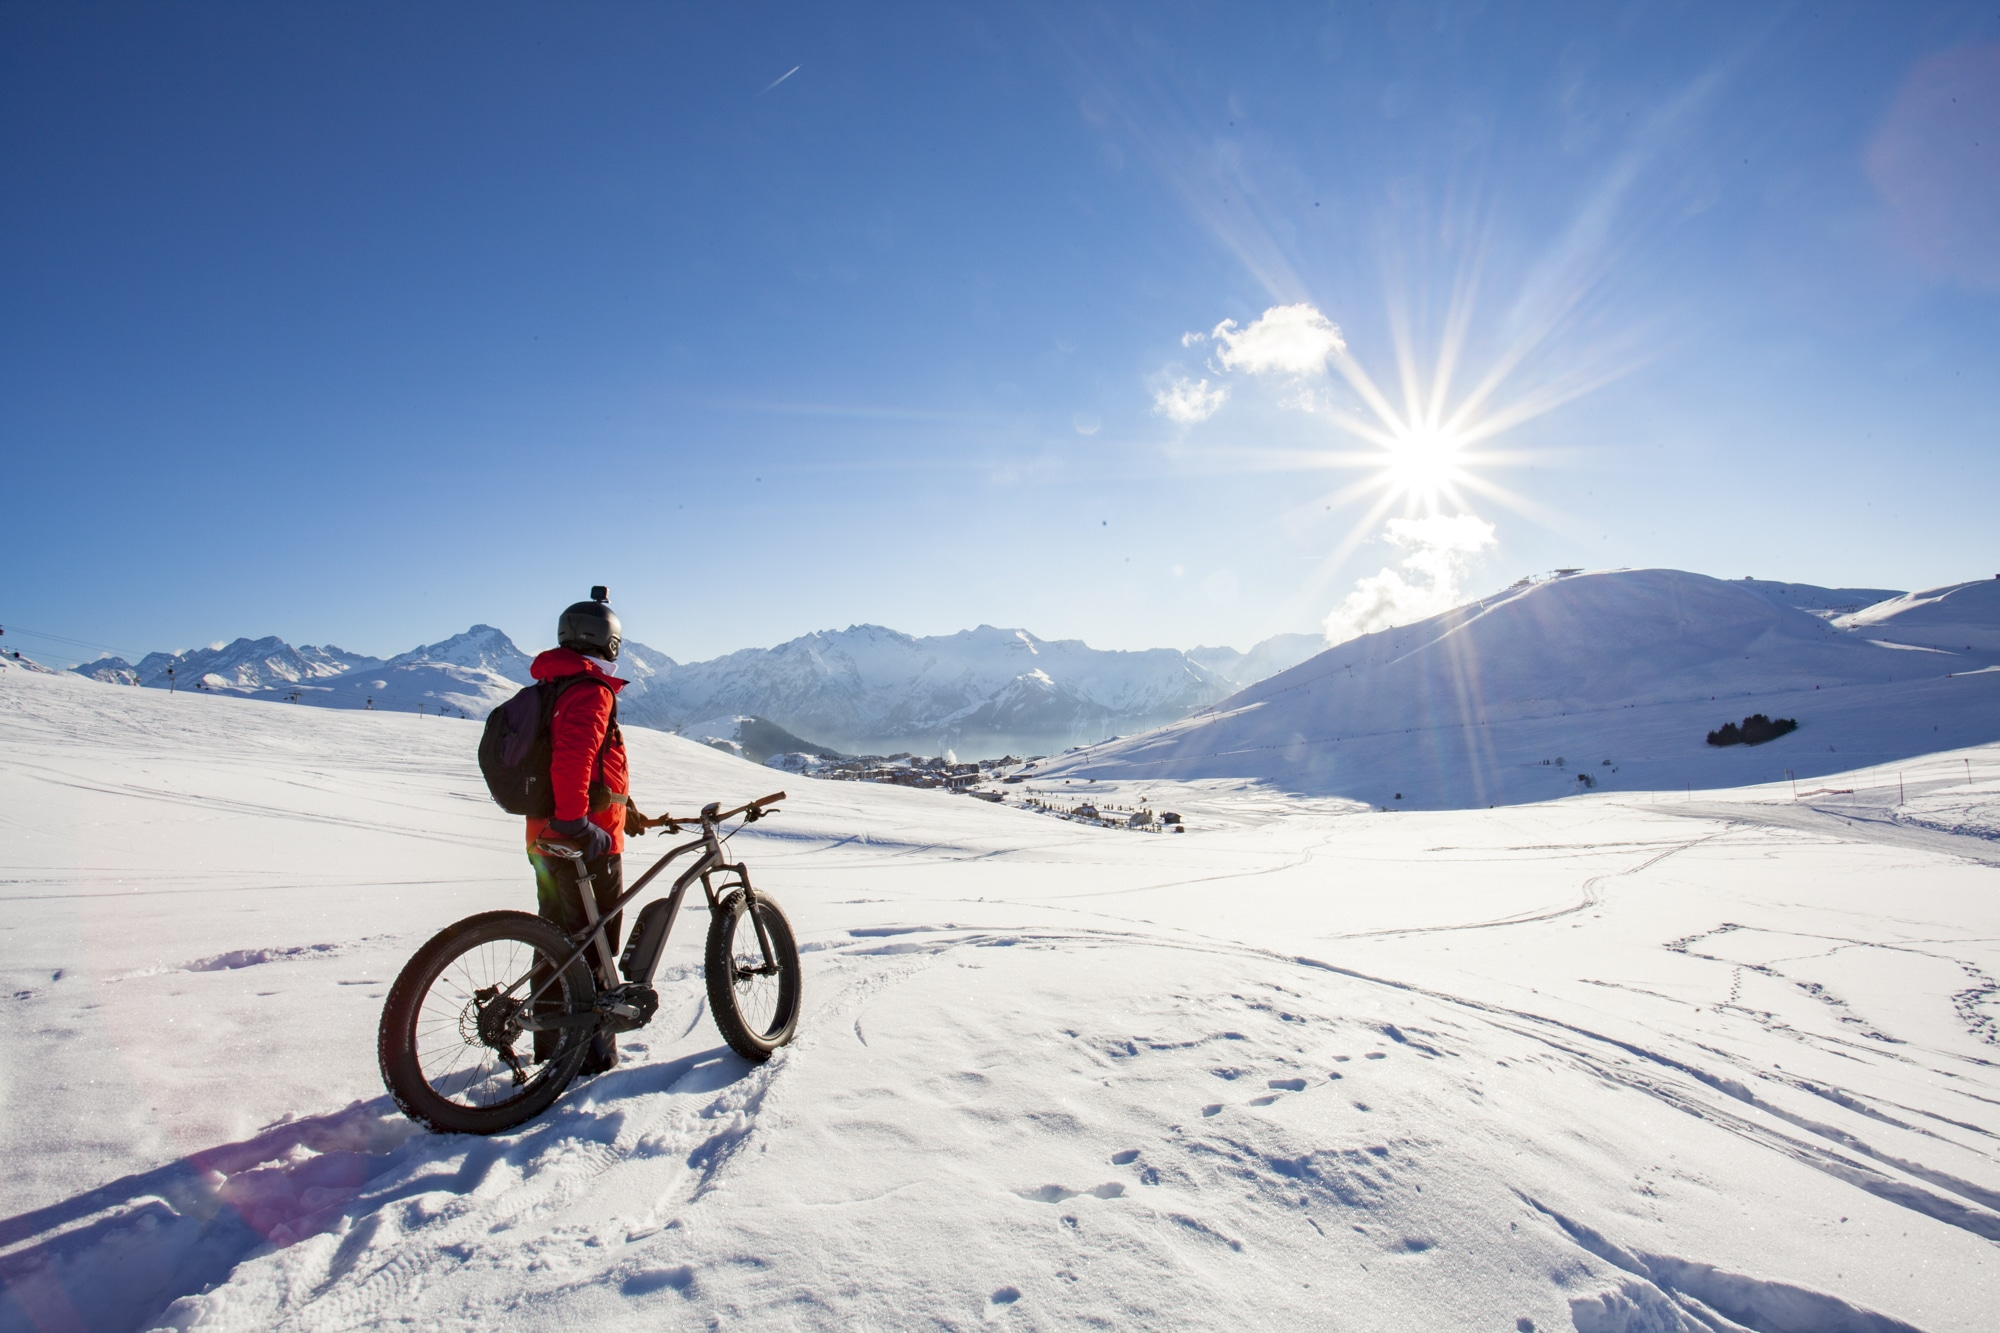 fatbike neige activité montagne l'hiver